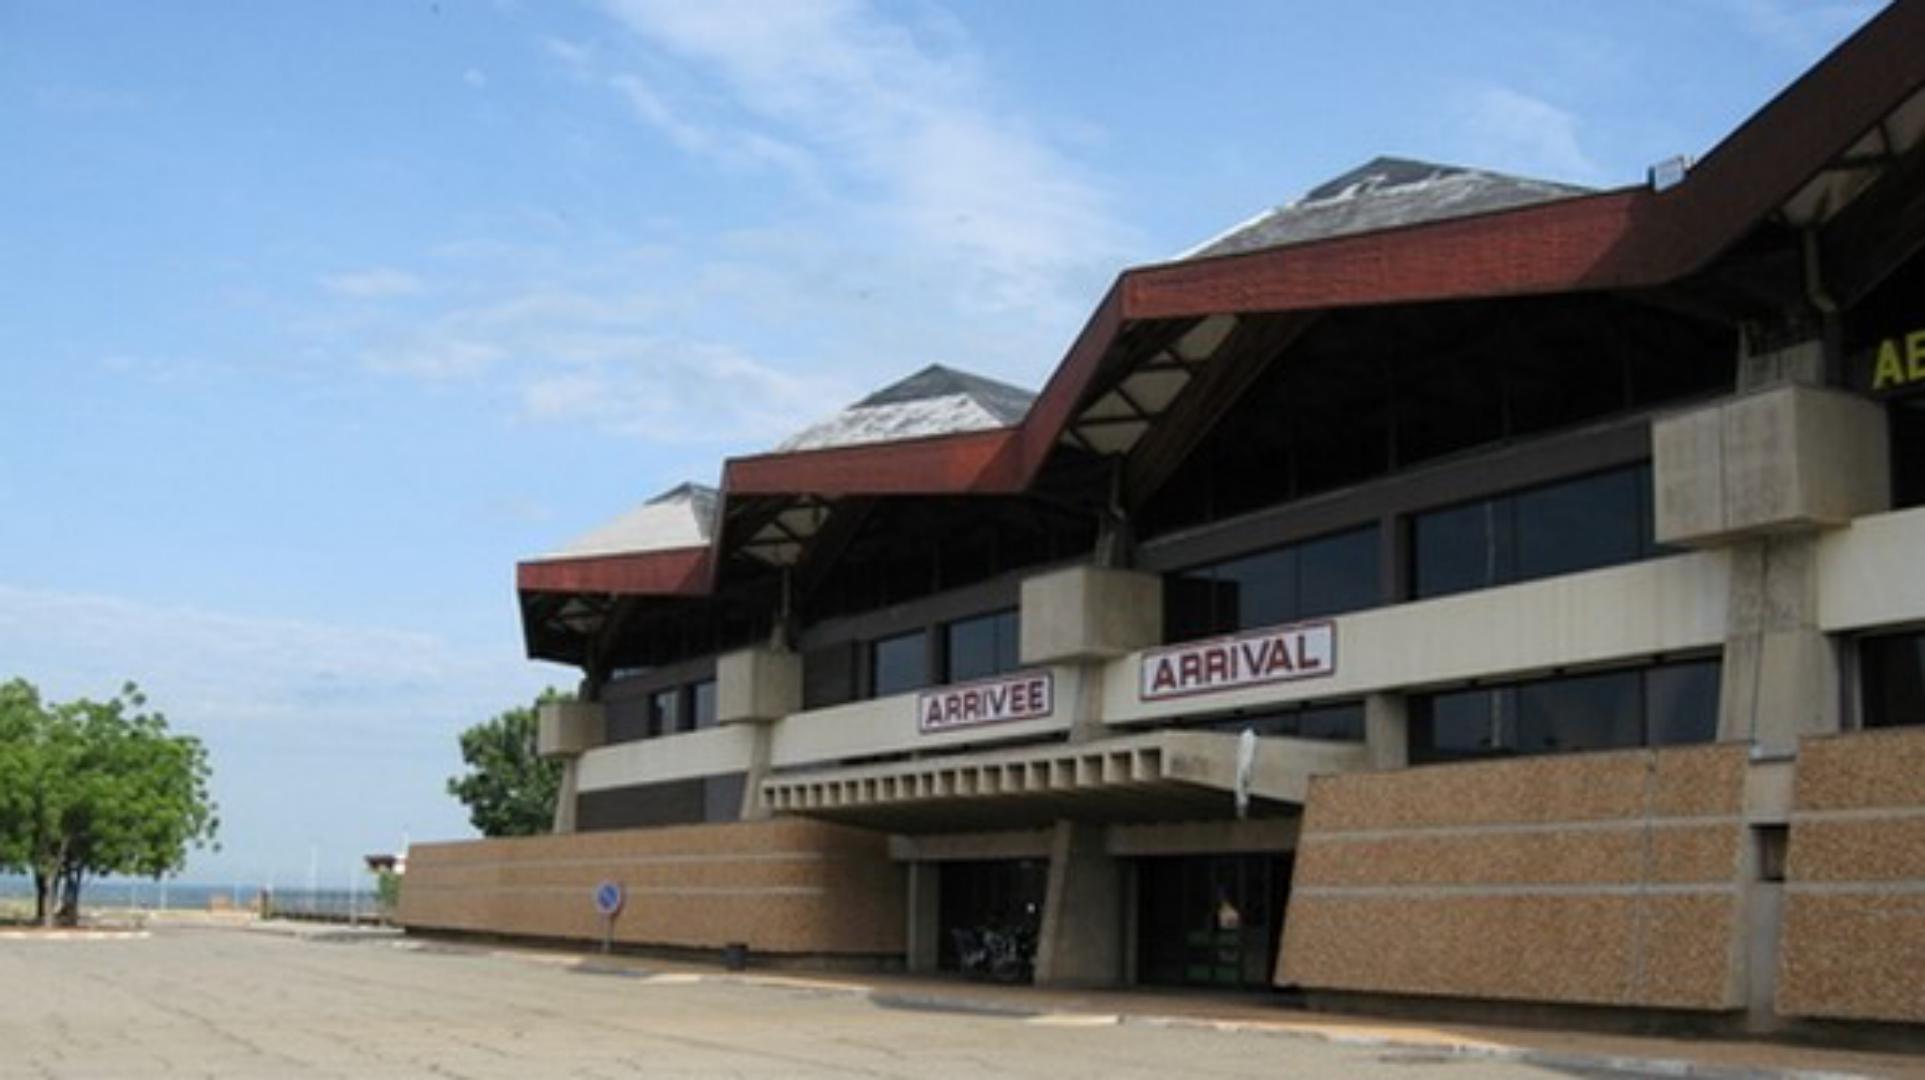 Pour la CAN de 2022, ADC S.A. prépare « un site de rêve » pour plateaux télé à l'aéroport de Garoua